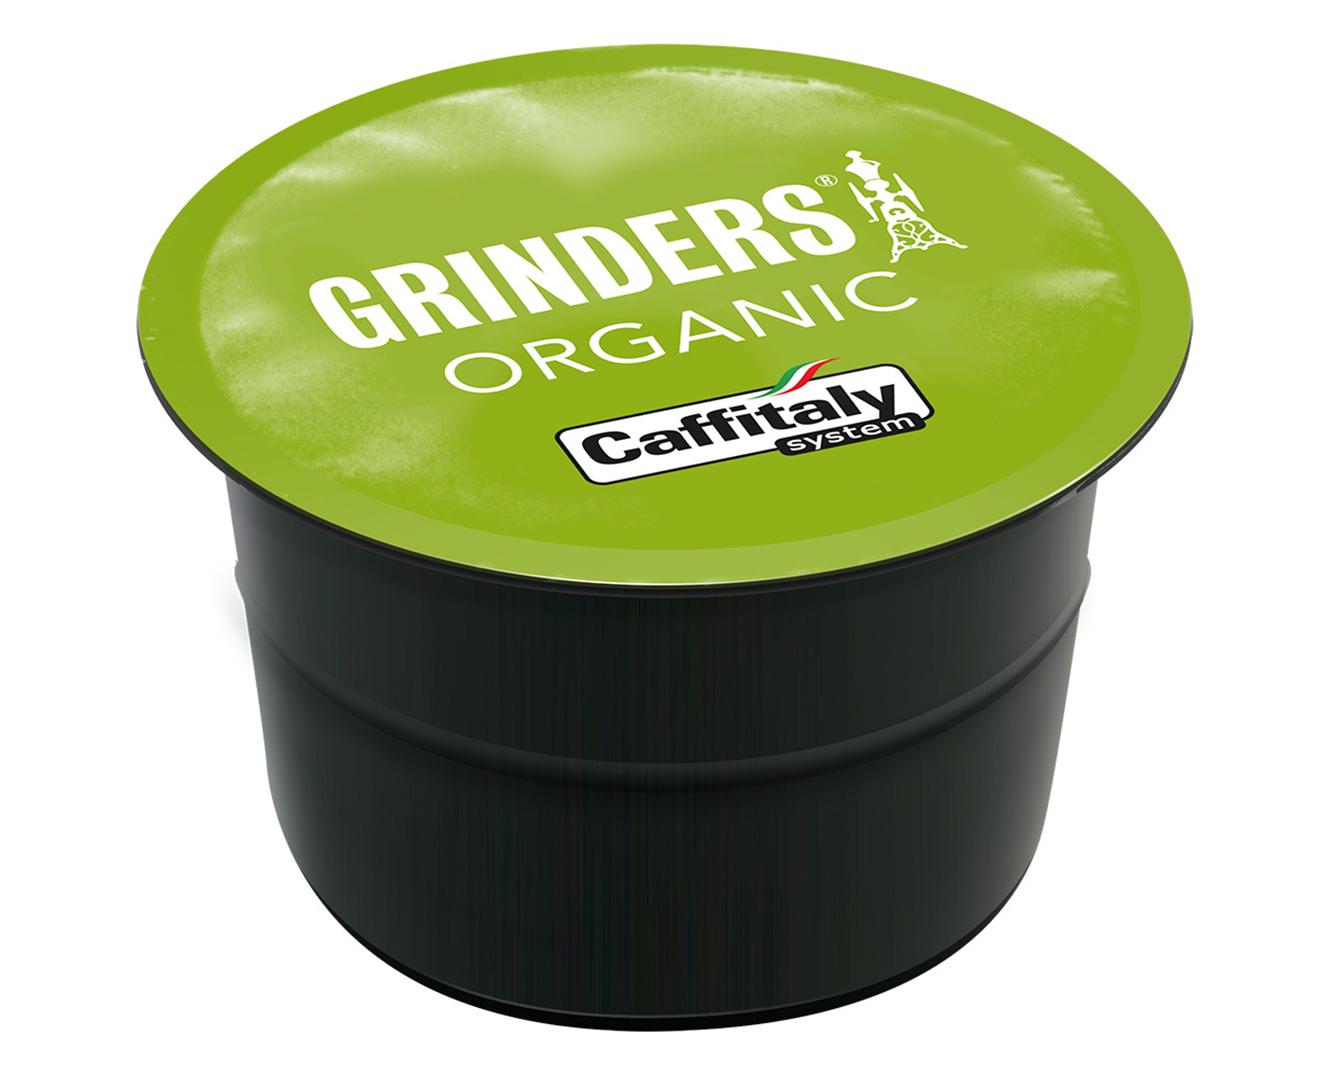 8 x Grinders Master Roasters Organic Coffee Capsules 10pk 3